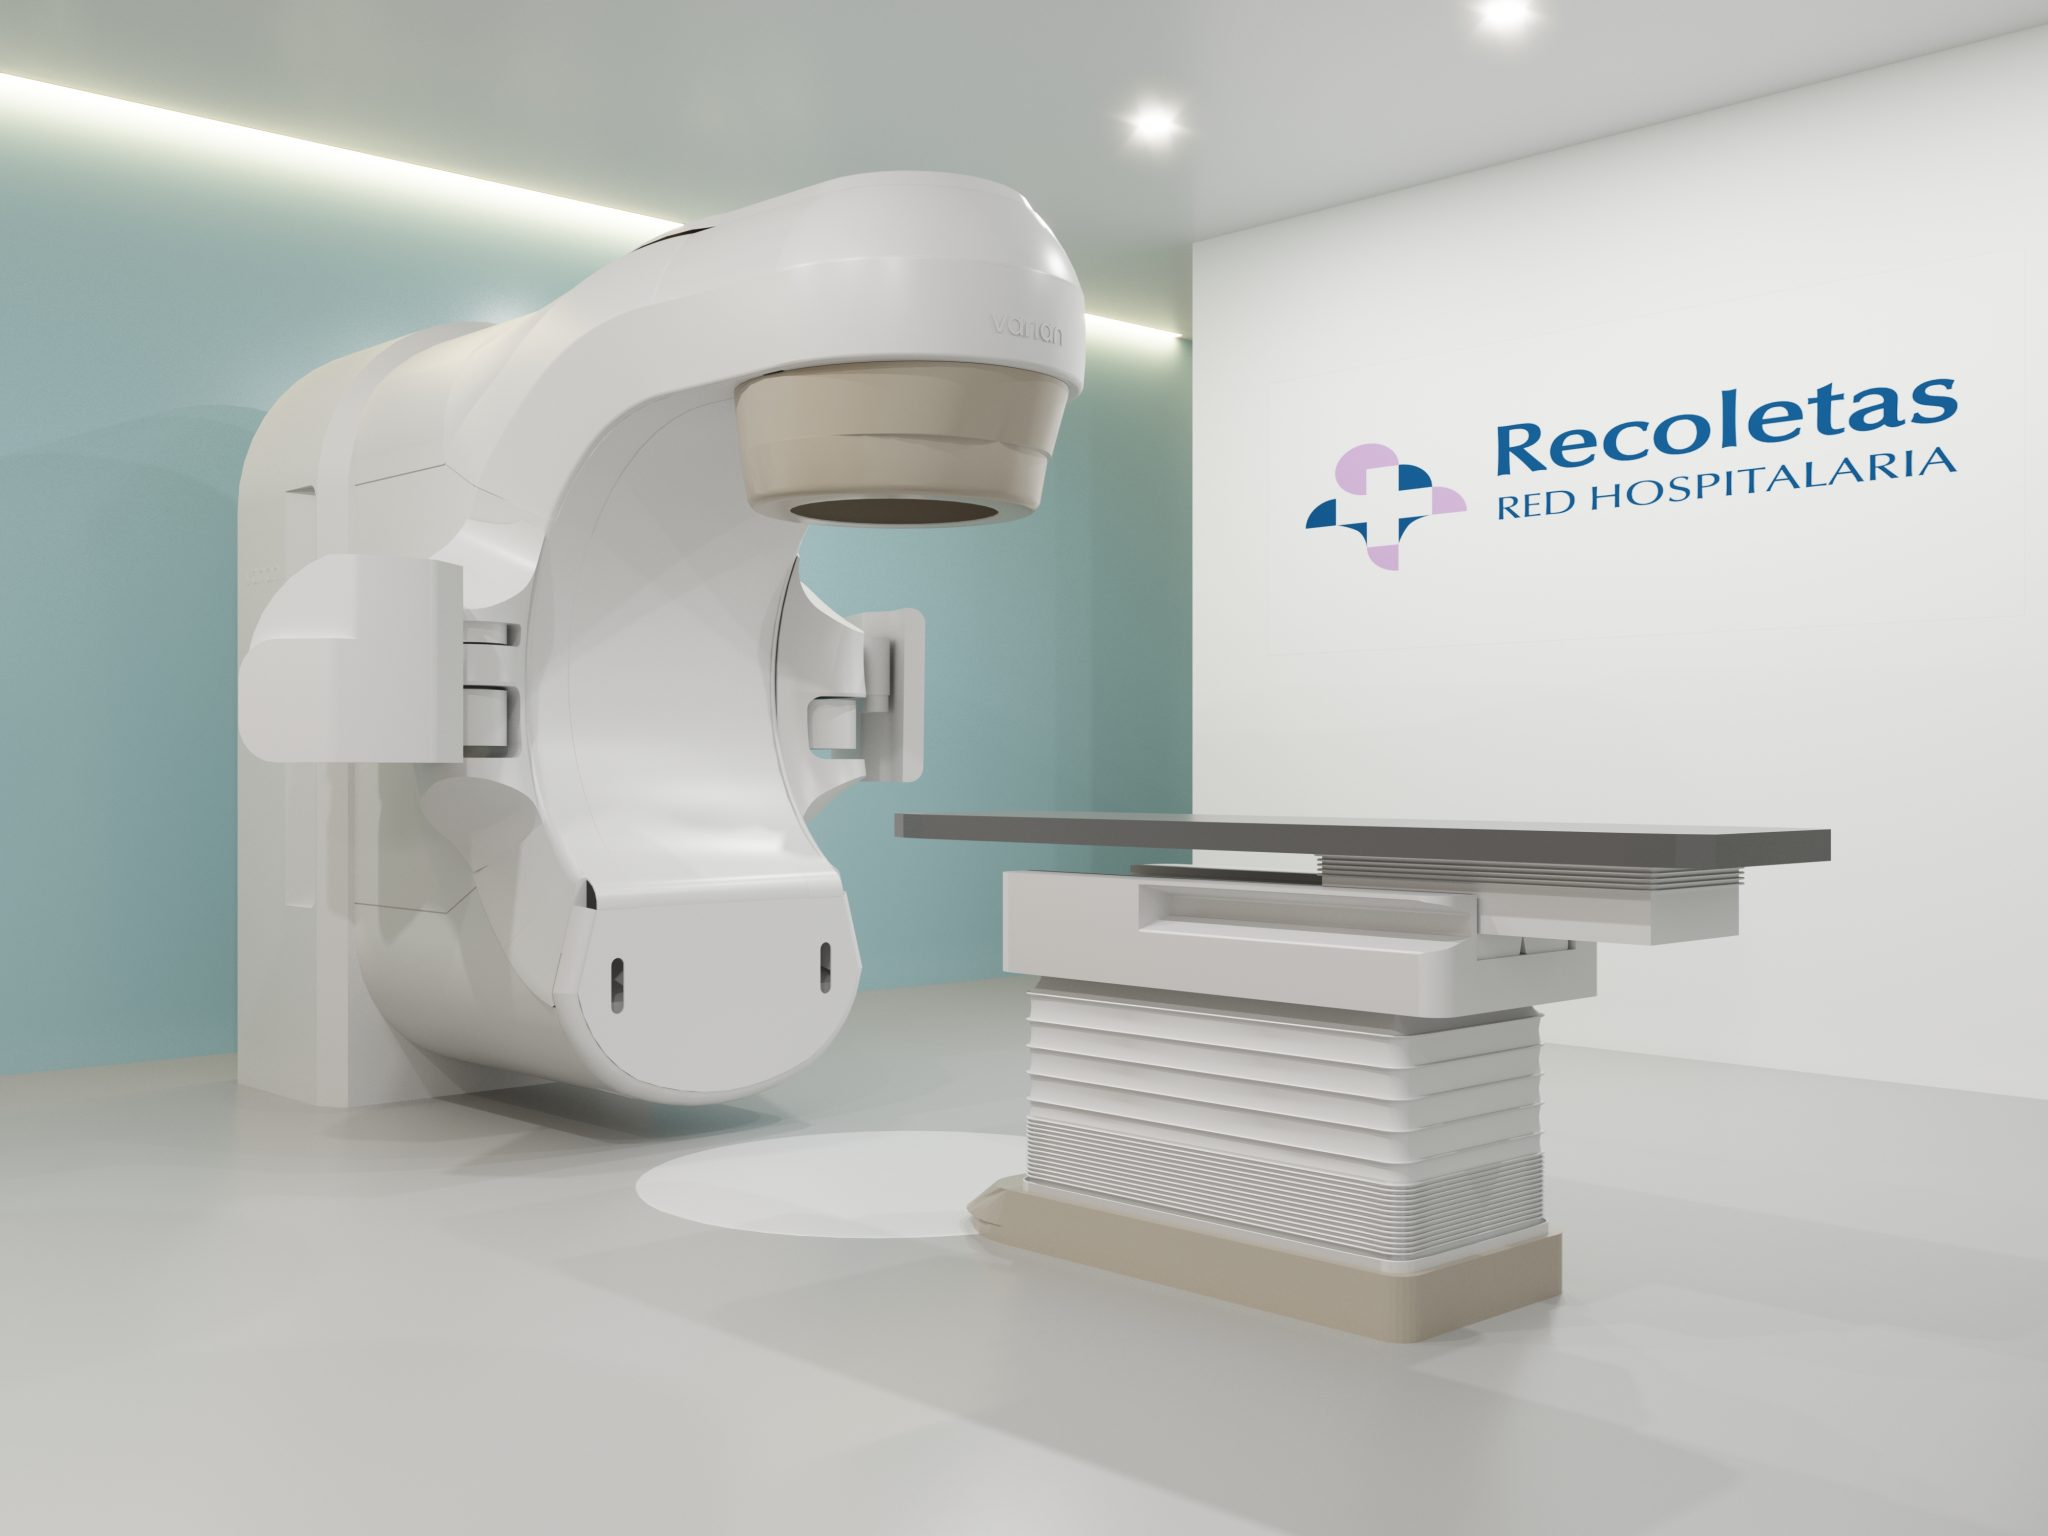 La Clínica Ponferrada inicia los trámites para poner en marcha una unidad de Radioterapia 1